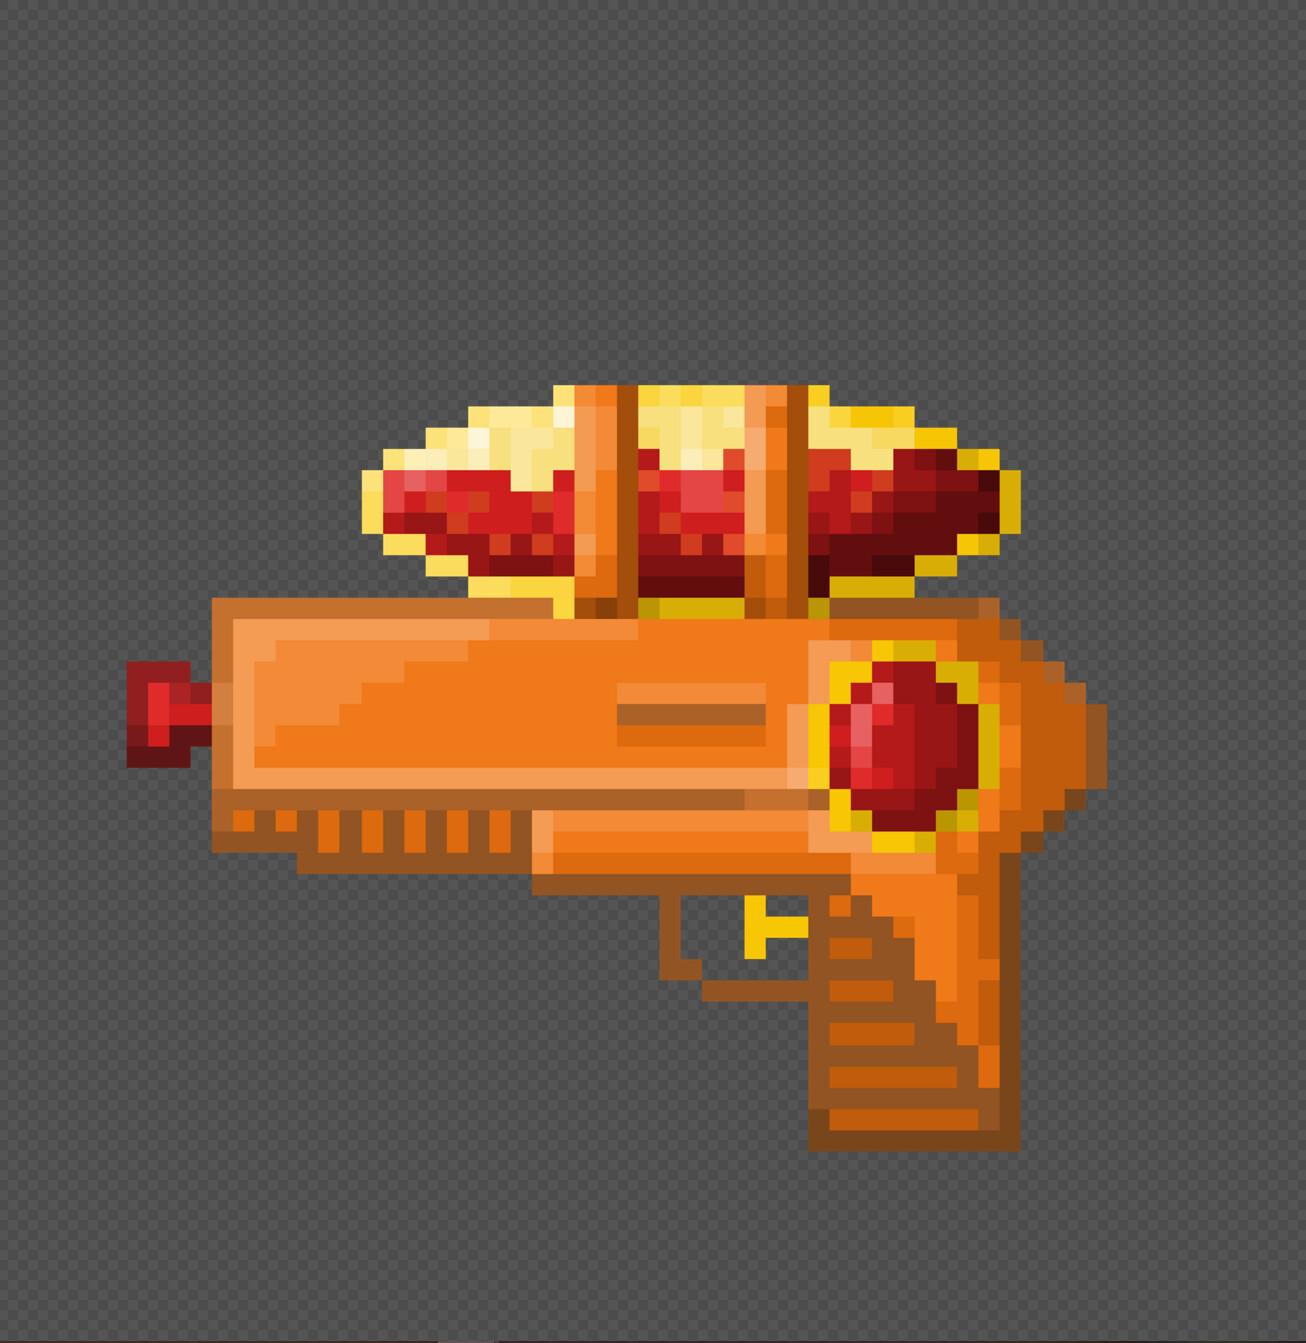 Hot sauce squirt gun